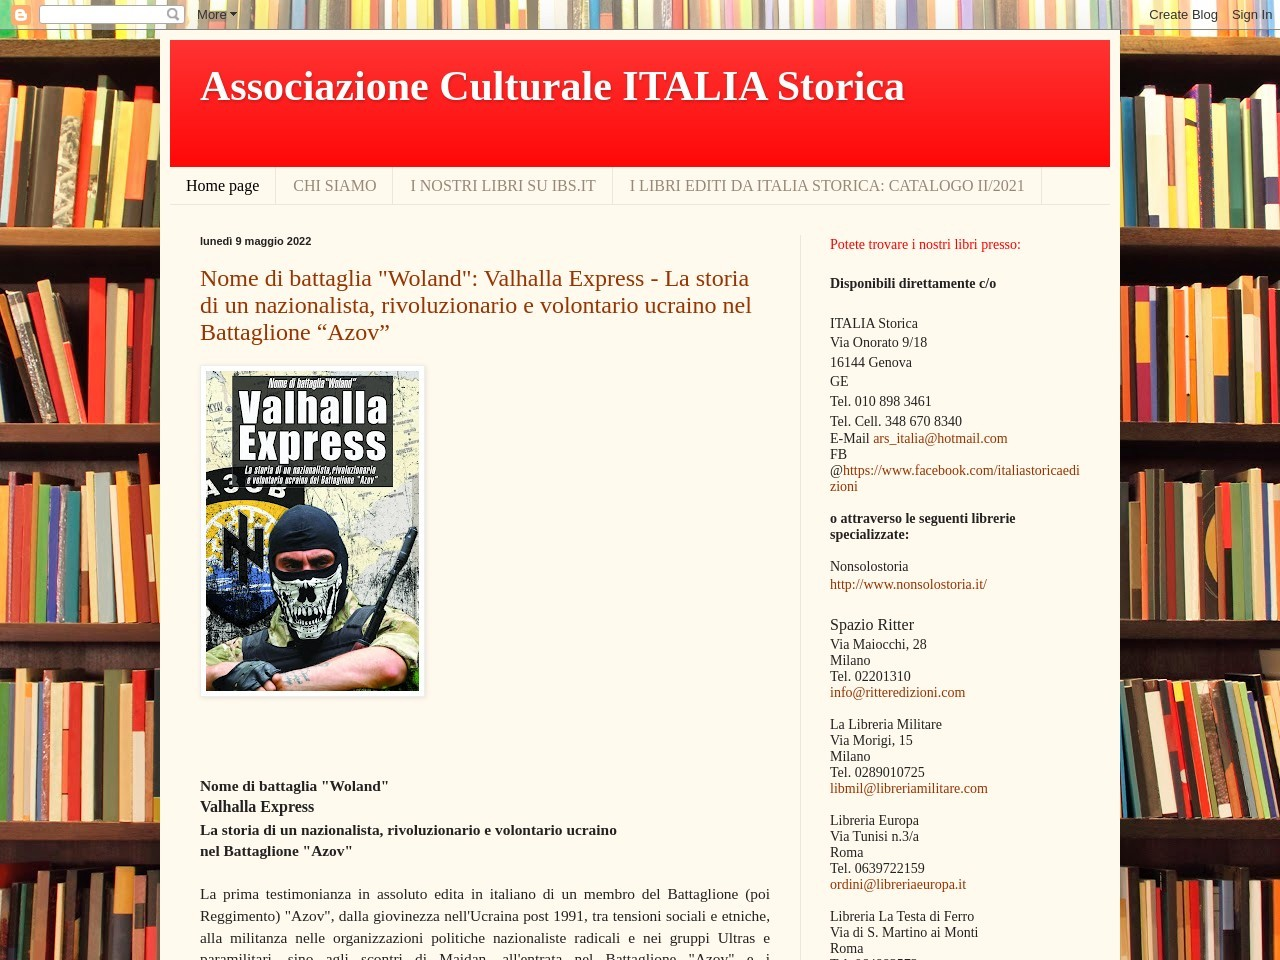 associazione-culturale-e-di-storia-vivente-italia